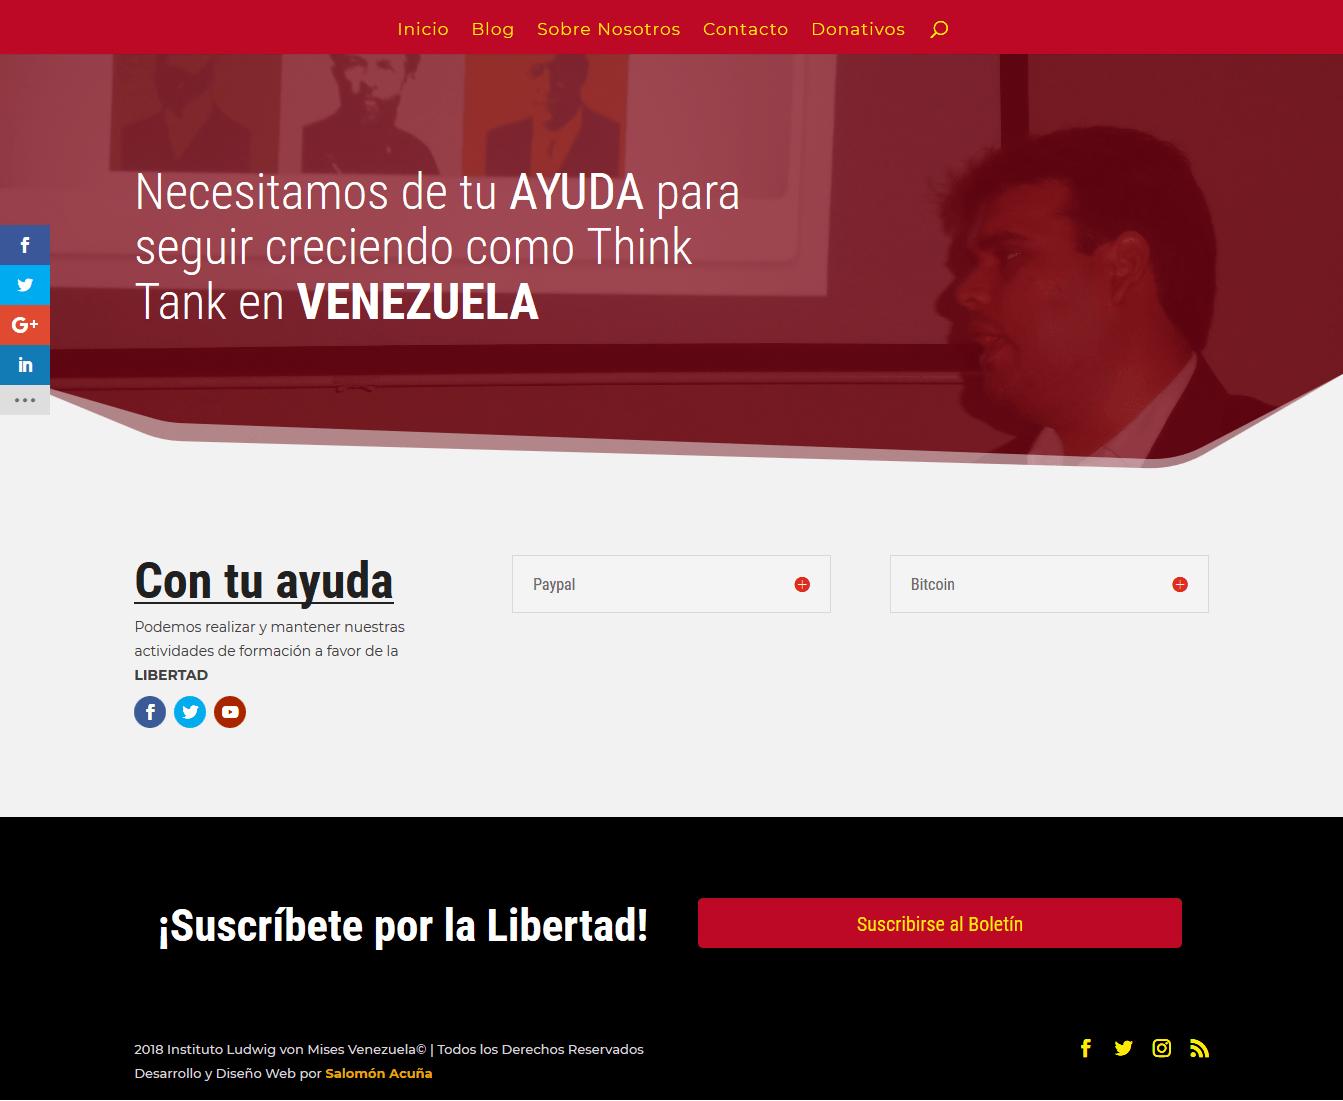 Instituto Mises Venezuela 3